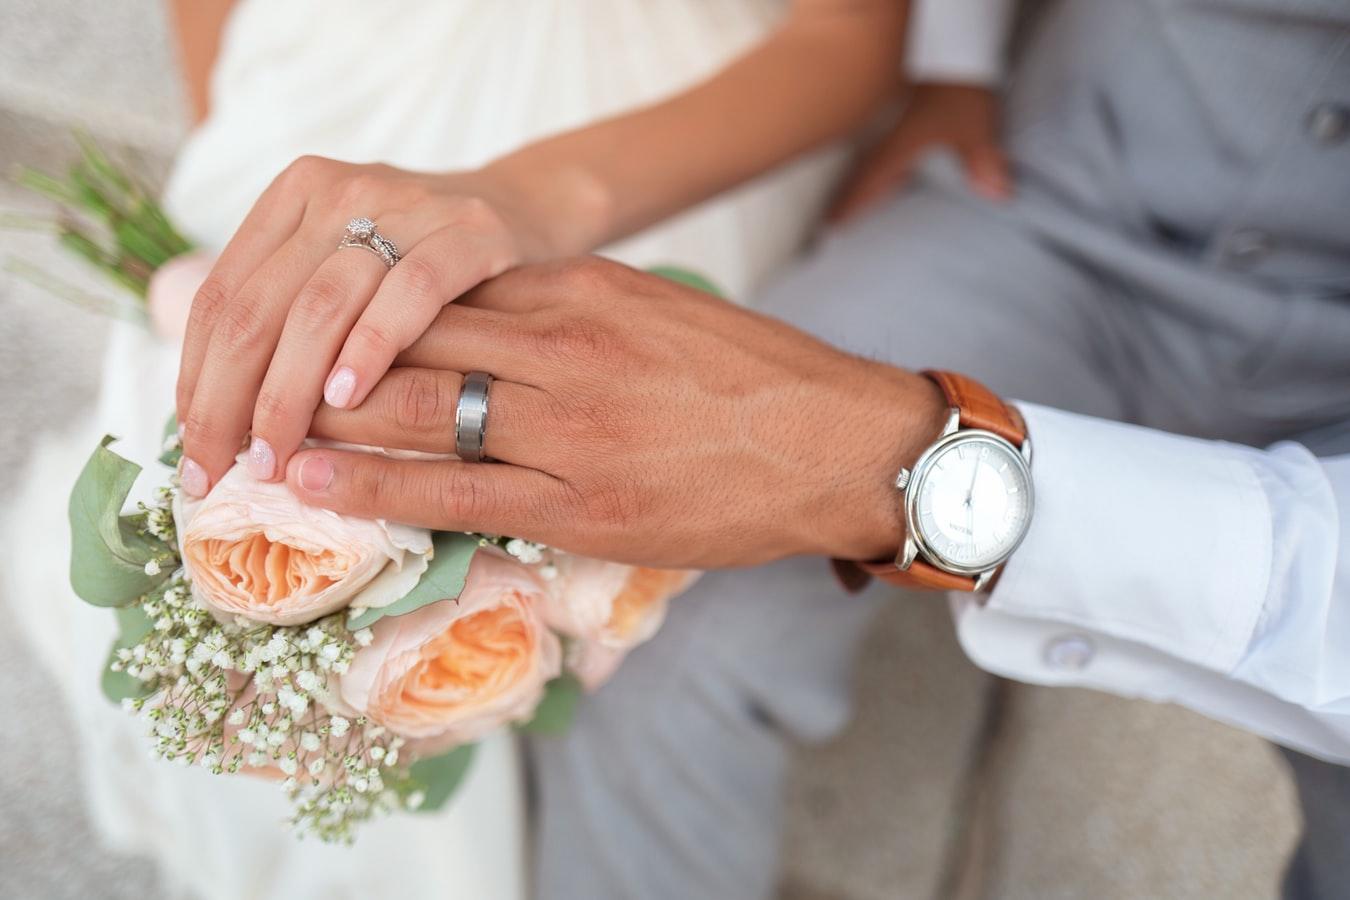 Новый Дворец бракосочетаний в Твери планируют открыть осенью 2020 года - новости Афанасий